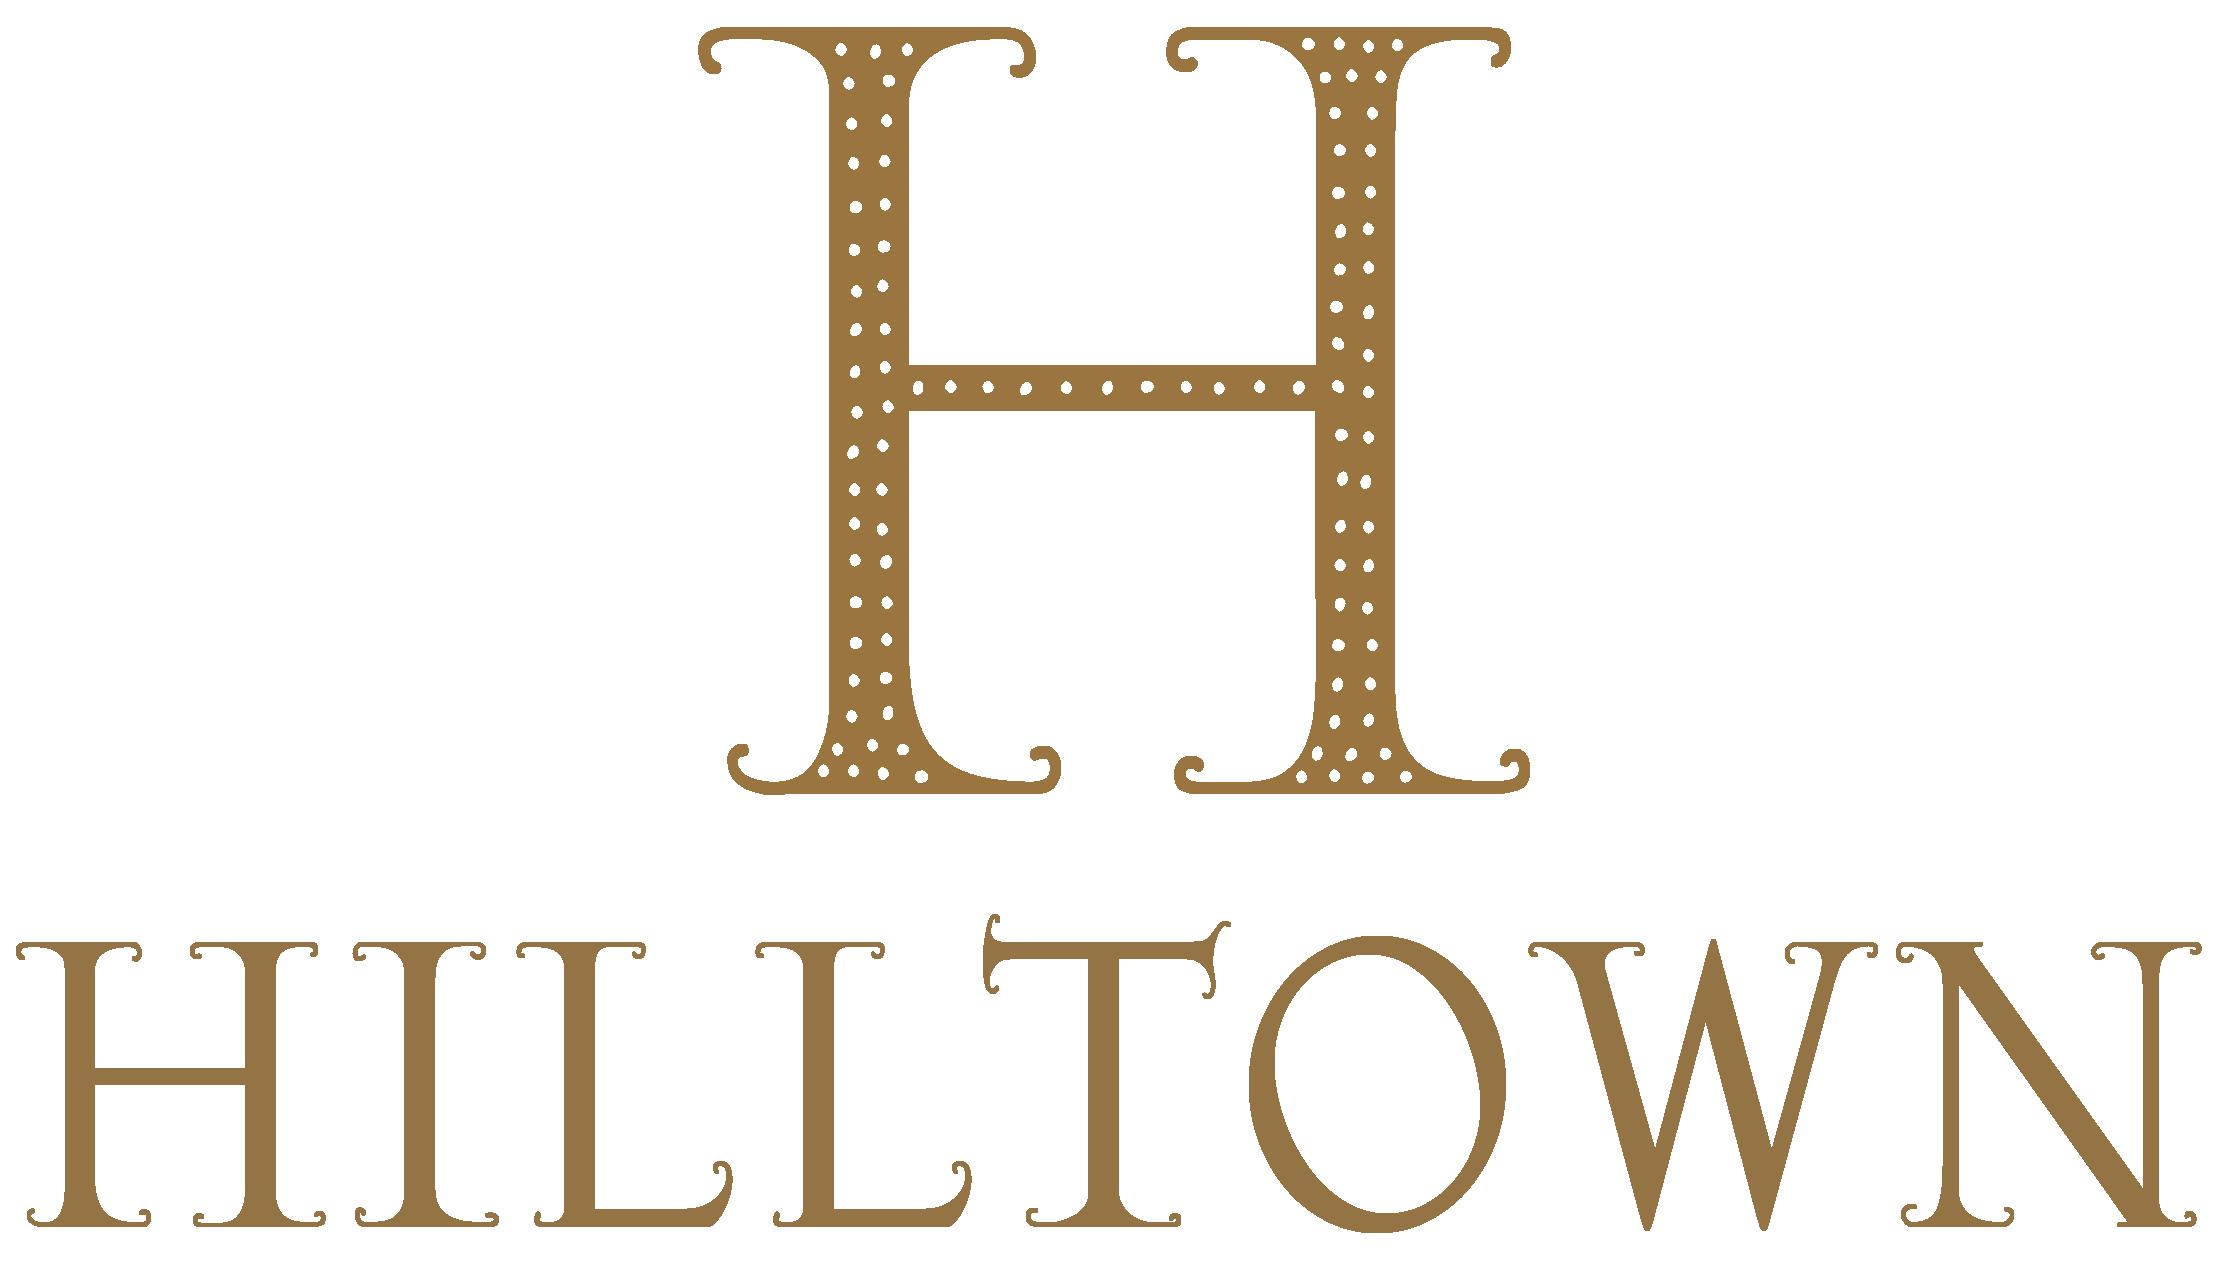 Hilltown Center